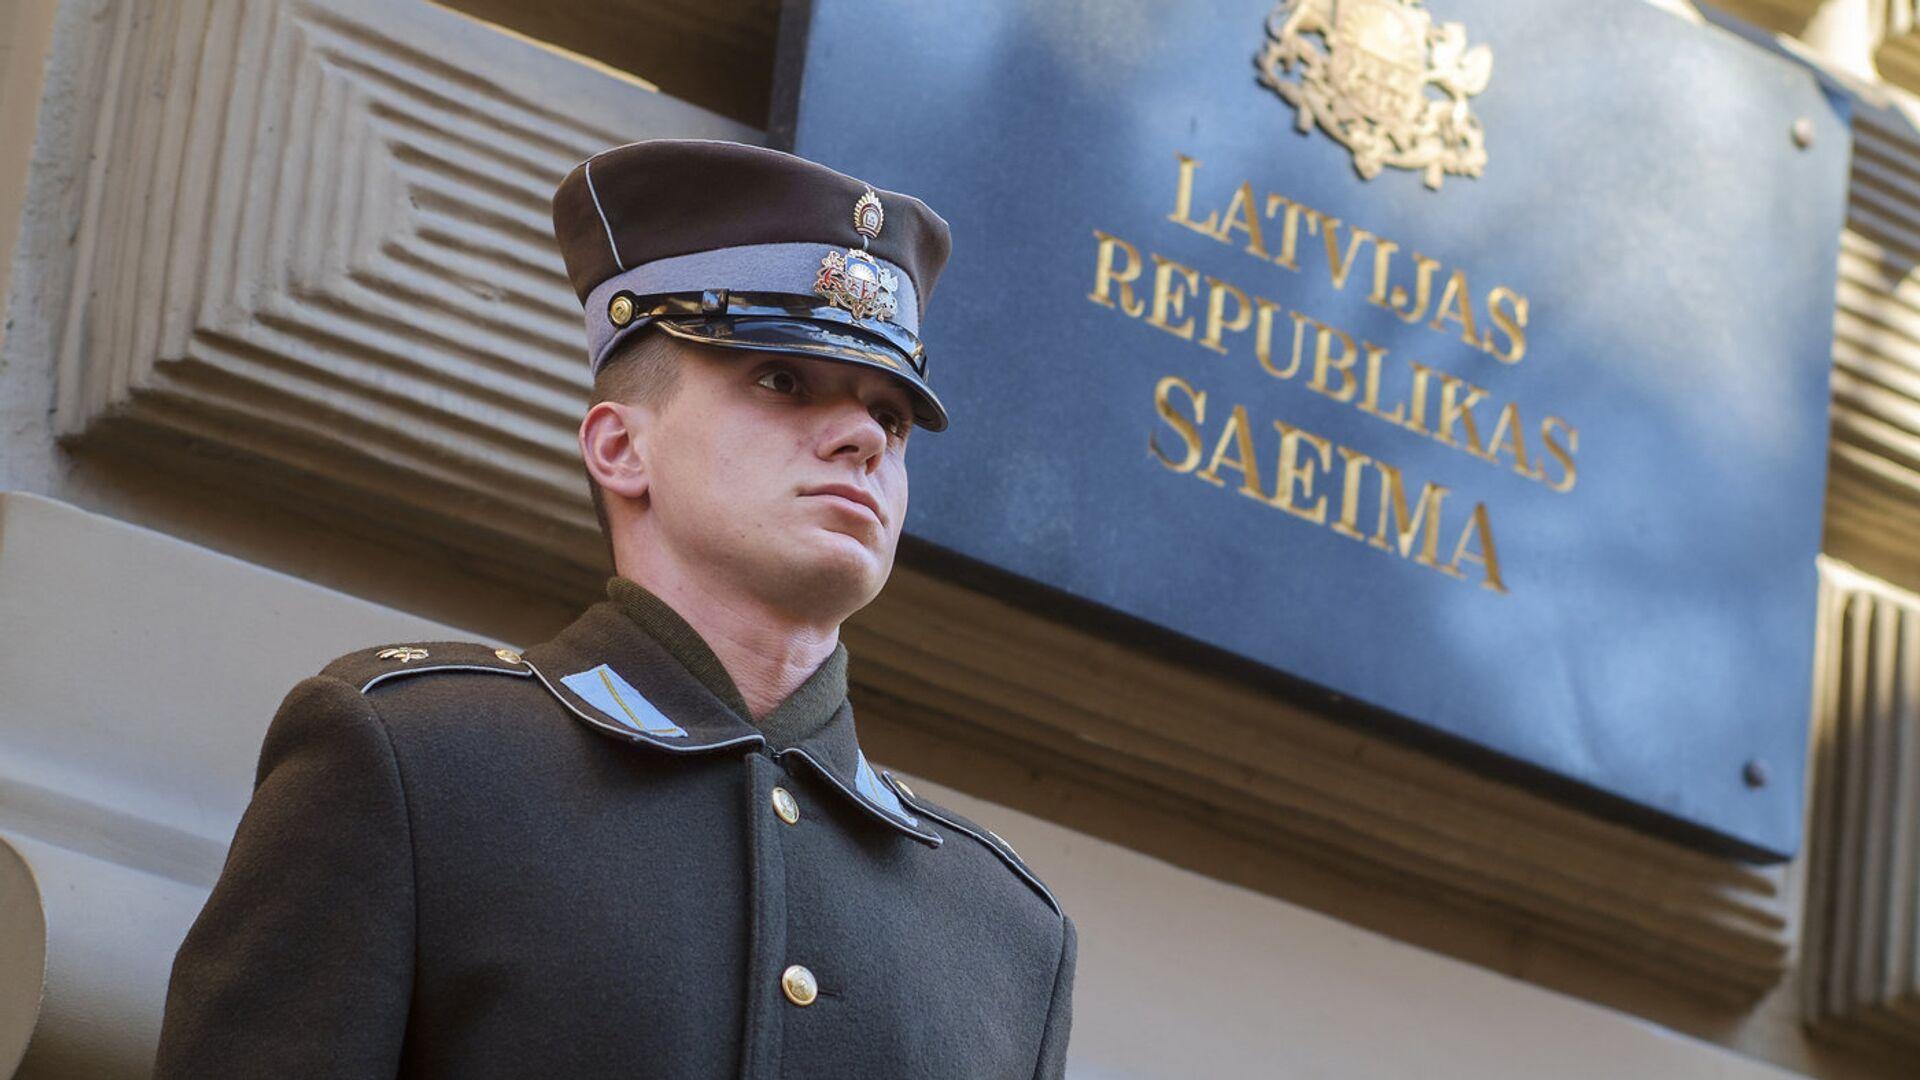 Почетный караул у здания Сейма Латвийской республики - Sputnik Латвия, 1920, 02.09.2021